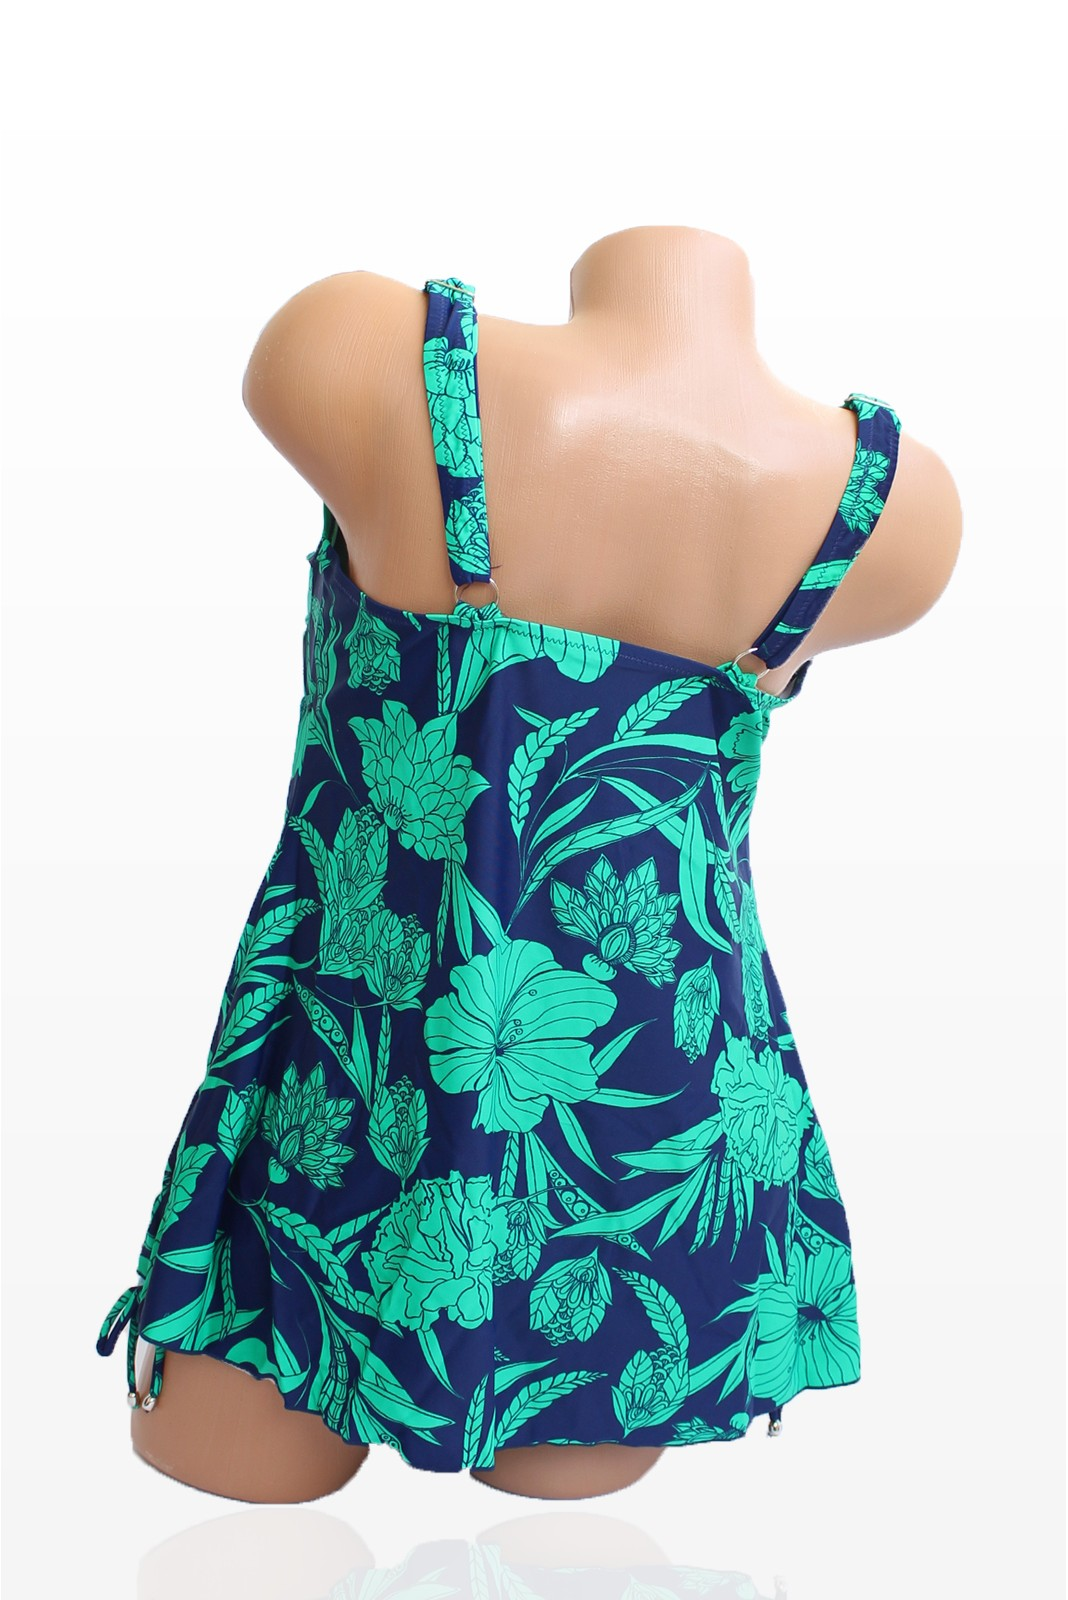 Танкини в тъмносин цвят и зелени цветя - чашка D Снимка 2 от 4